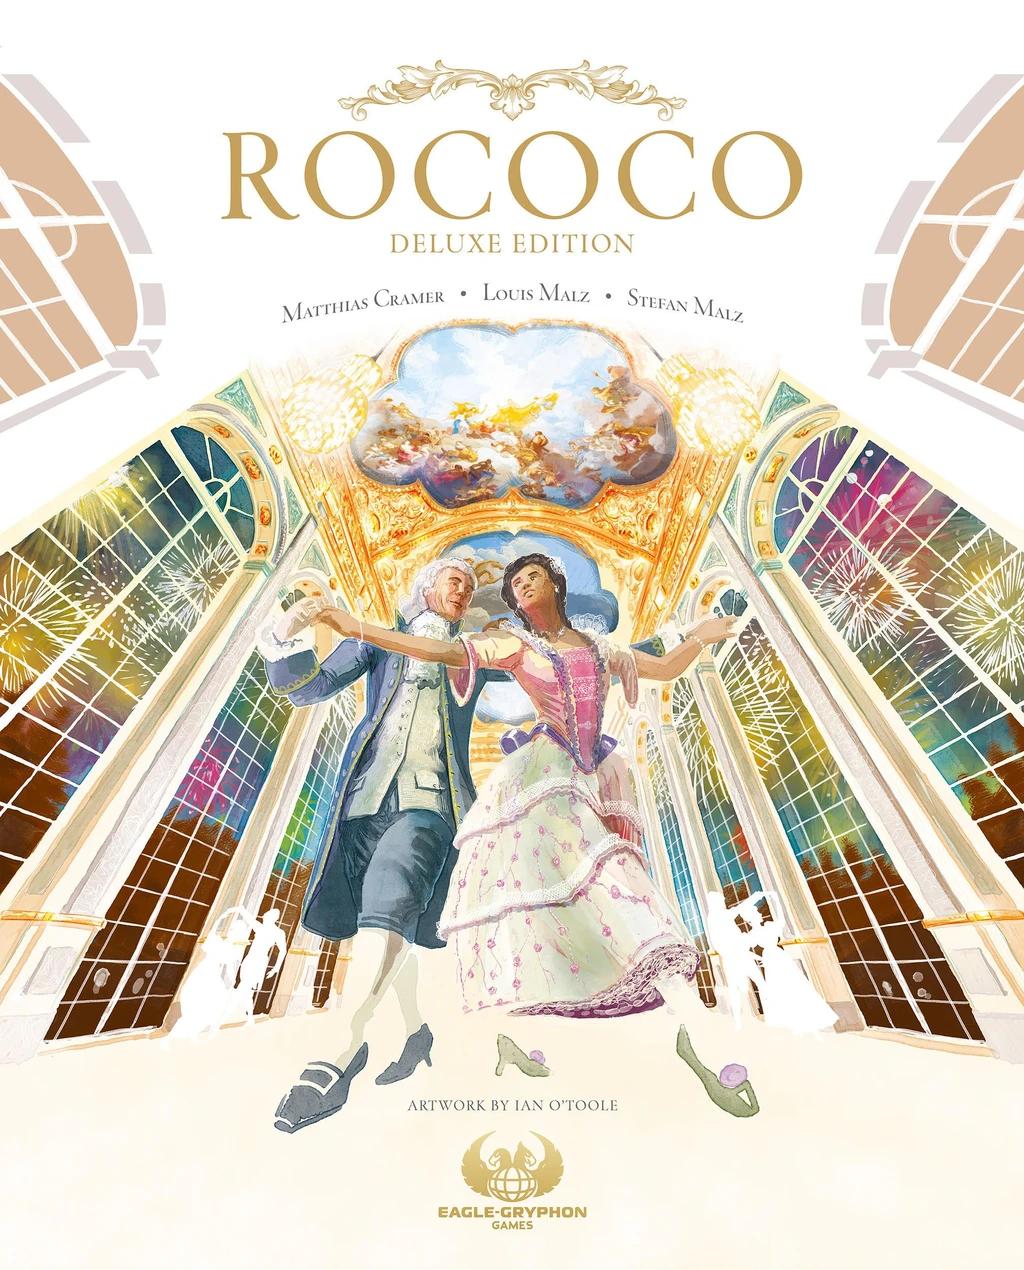 Rococo Deluxe